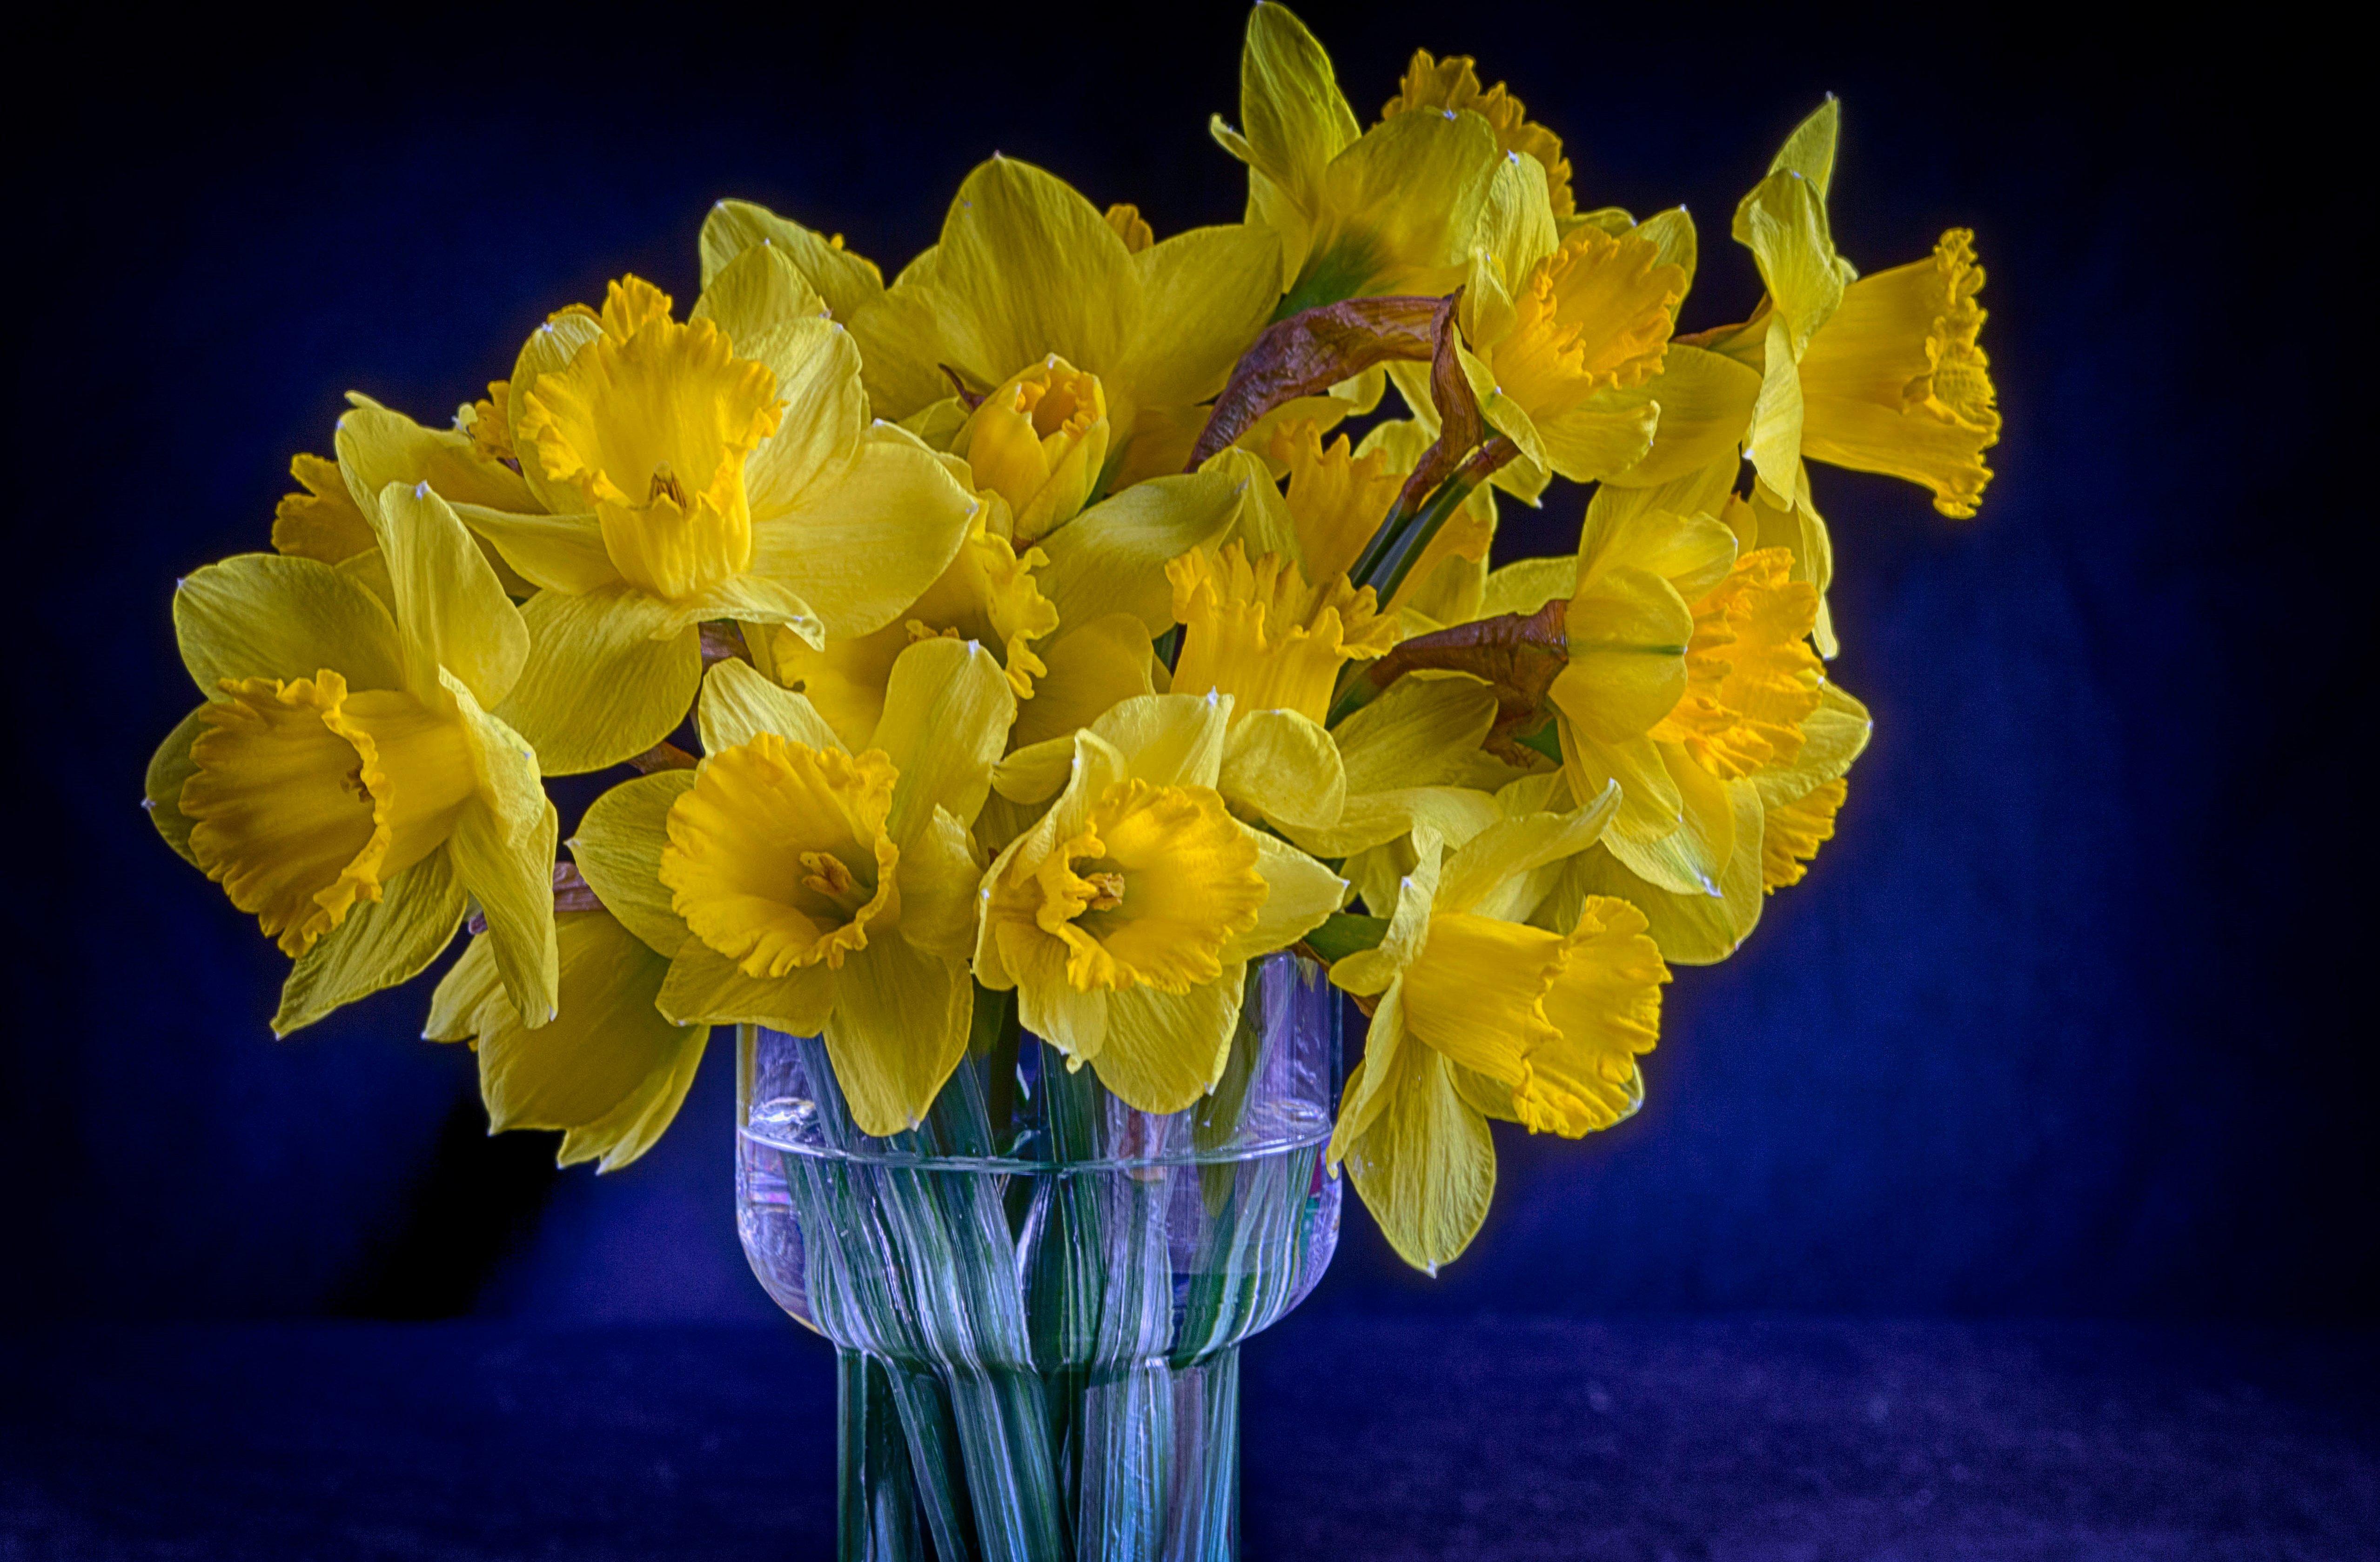 Images Gratuites Fleur Petale Vase Jaune Flore Jonquilles